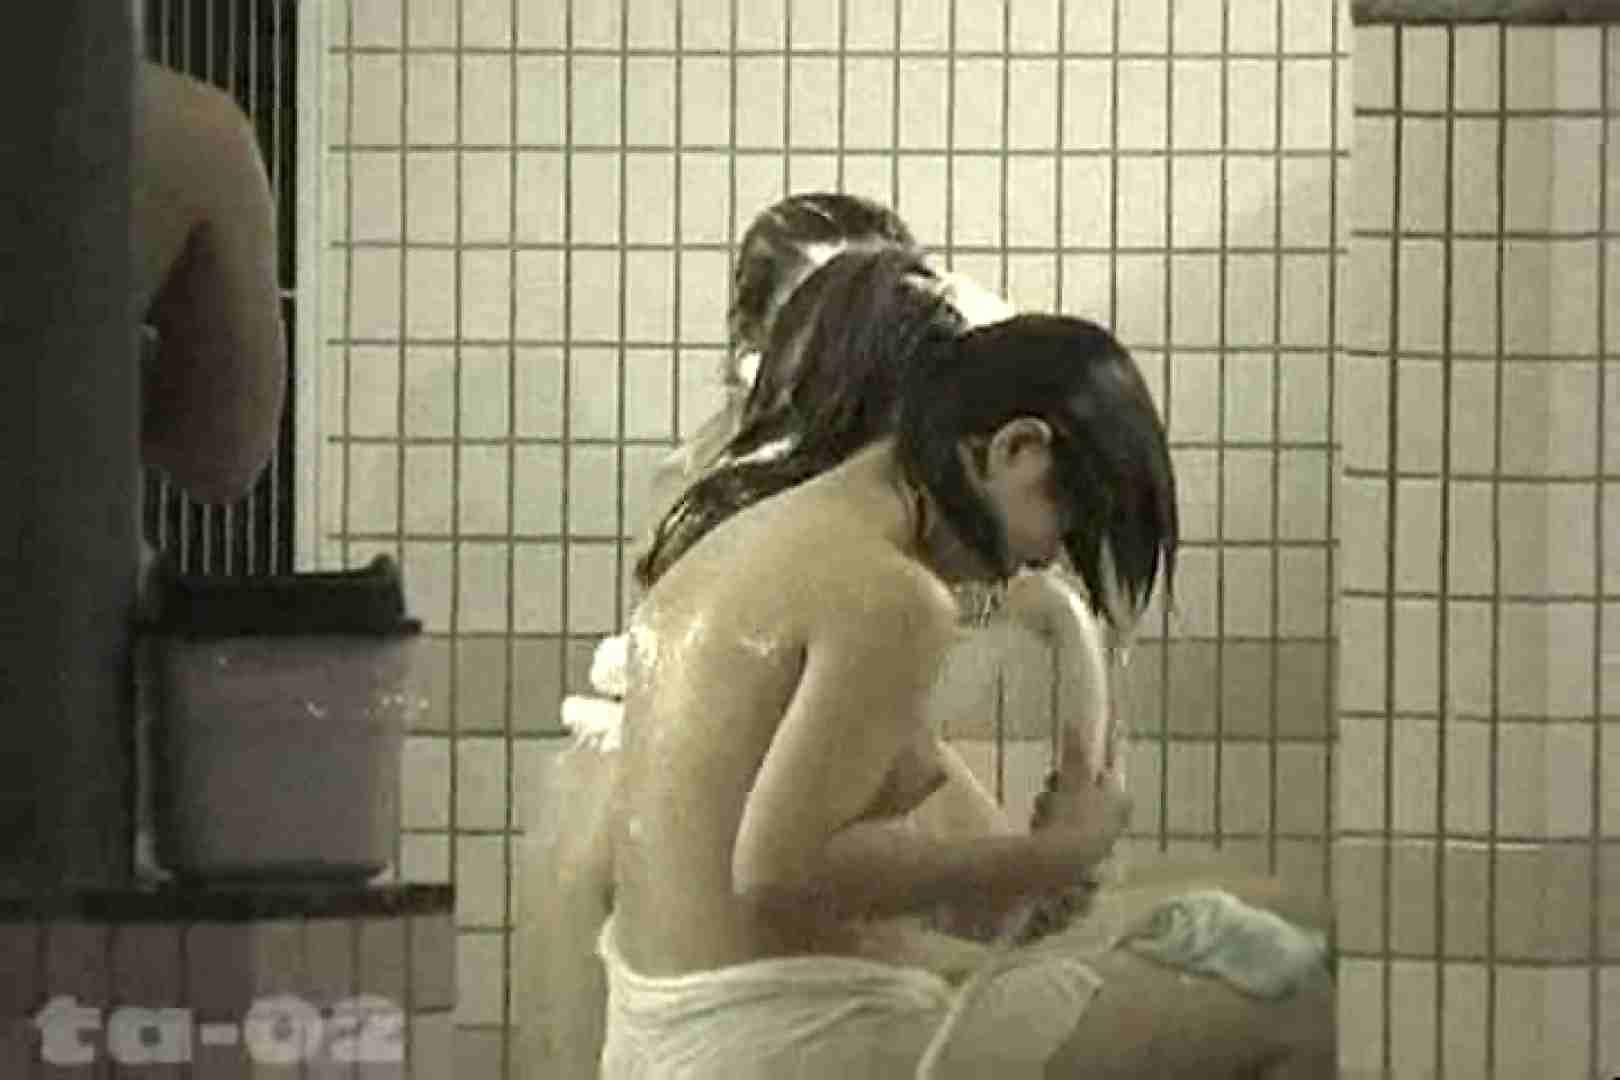 合宿ホテル女風呂盗撮高画質版 Vol.02 盗撮エロすぎ | ホテル  78連発 4